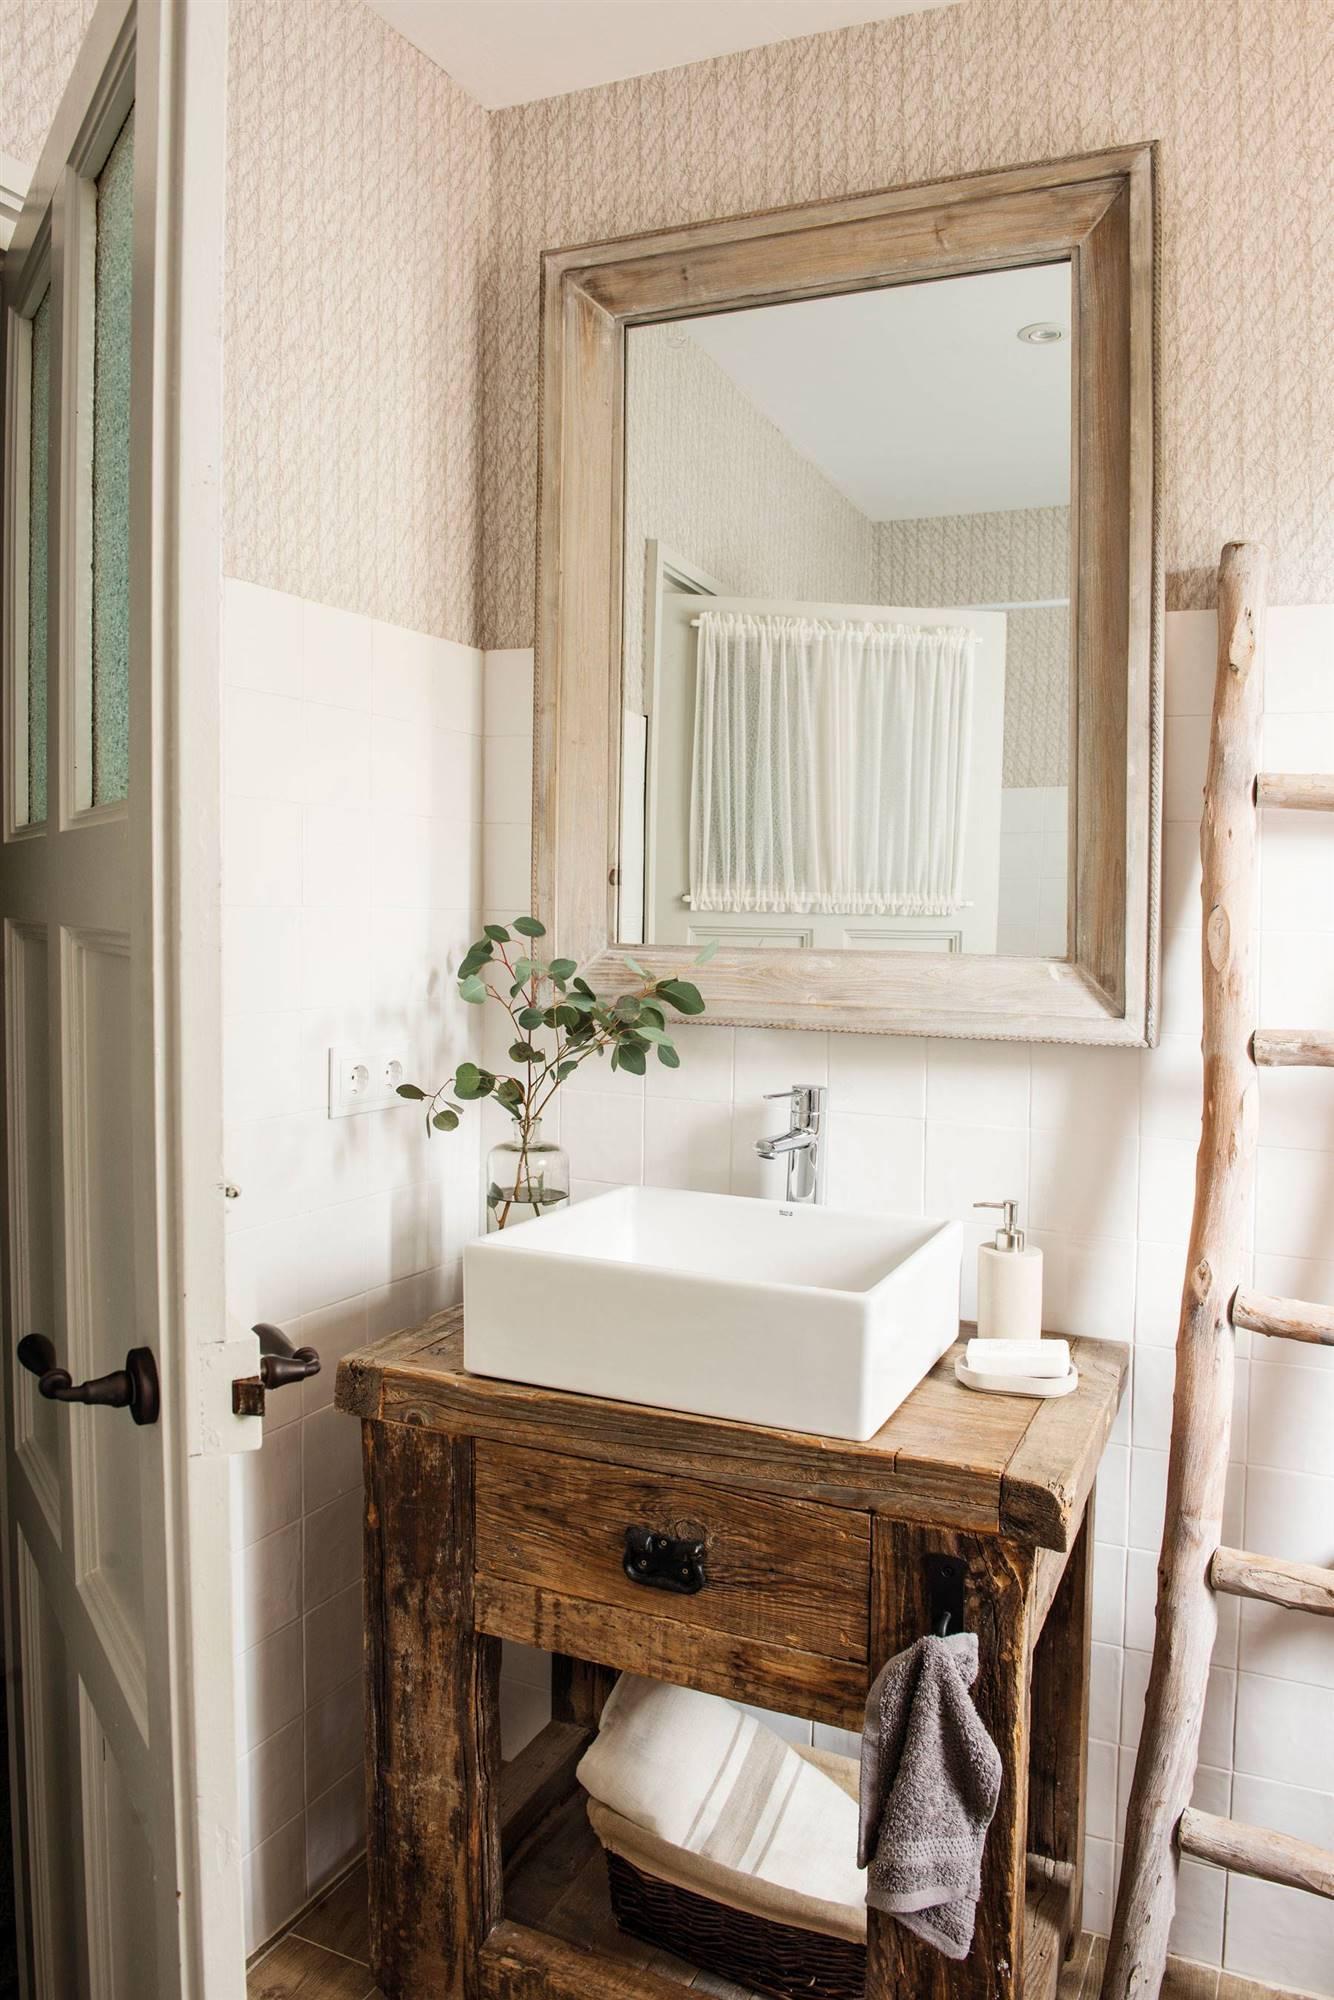 Baño pequeño con papel pintado y alicatado 00487133. Papel pintado también para  baños pequeños 766231d0f675